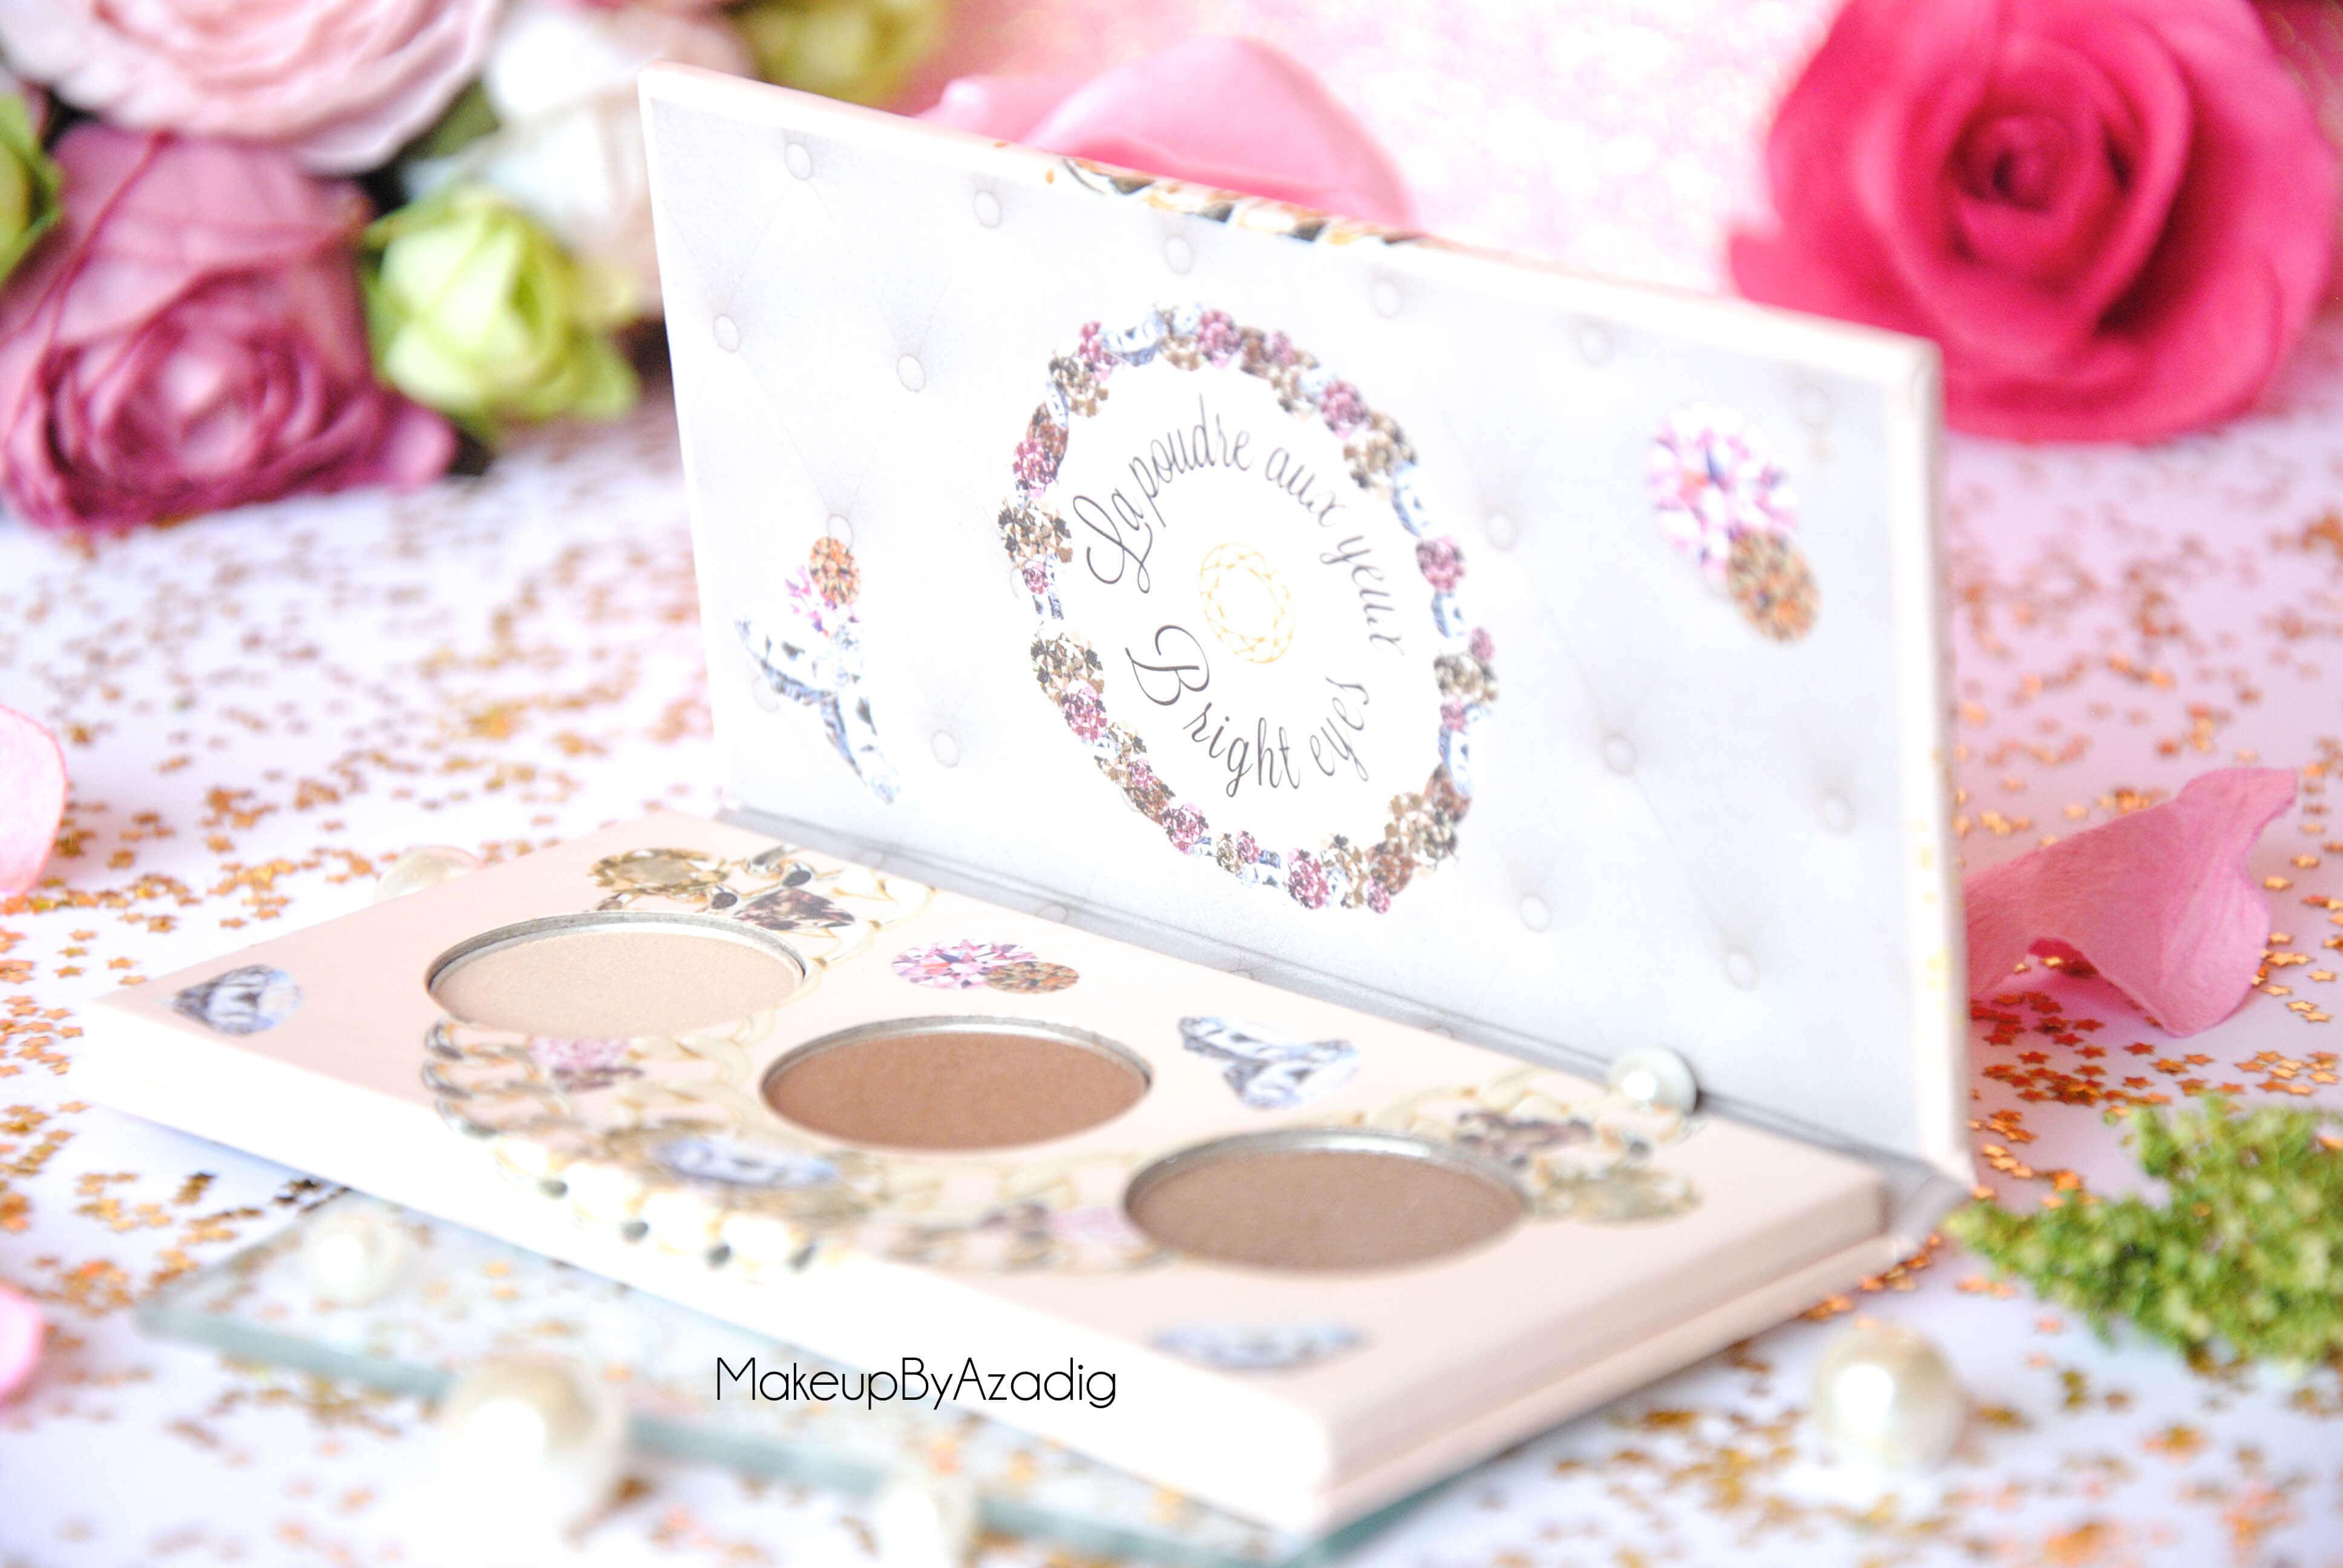 makeupbyazadig-palette-fards-paupieres-lollipops-paris-precieuse-monoprix-sephora-troyes-blog-revue-pearl